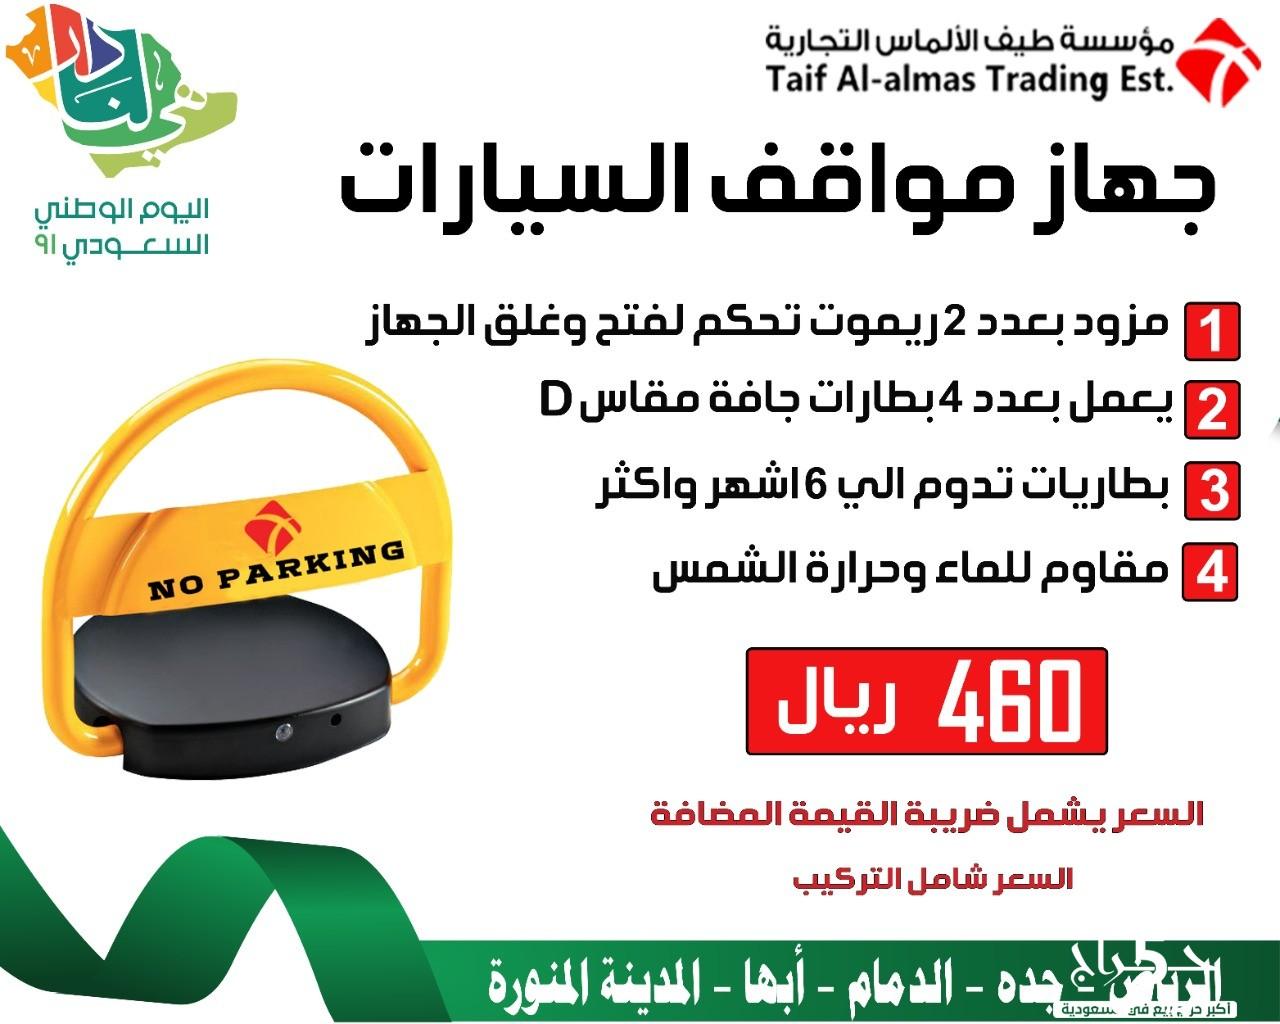 عروض بمناسبة اليوم الوطني علي حاجز مواقف سيارات مصد سيارات لفترة محدودة